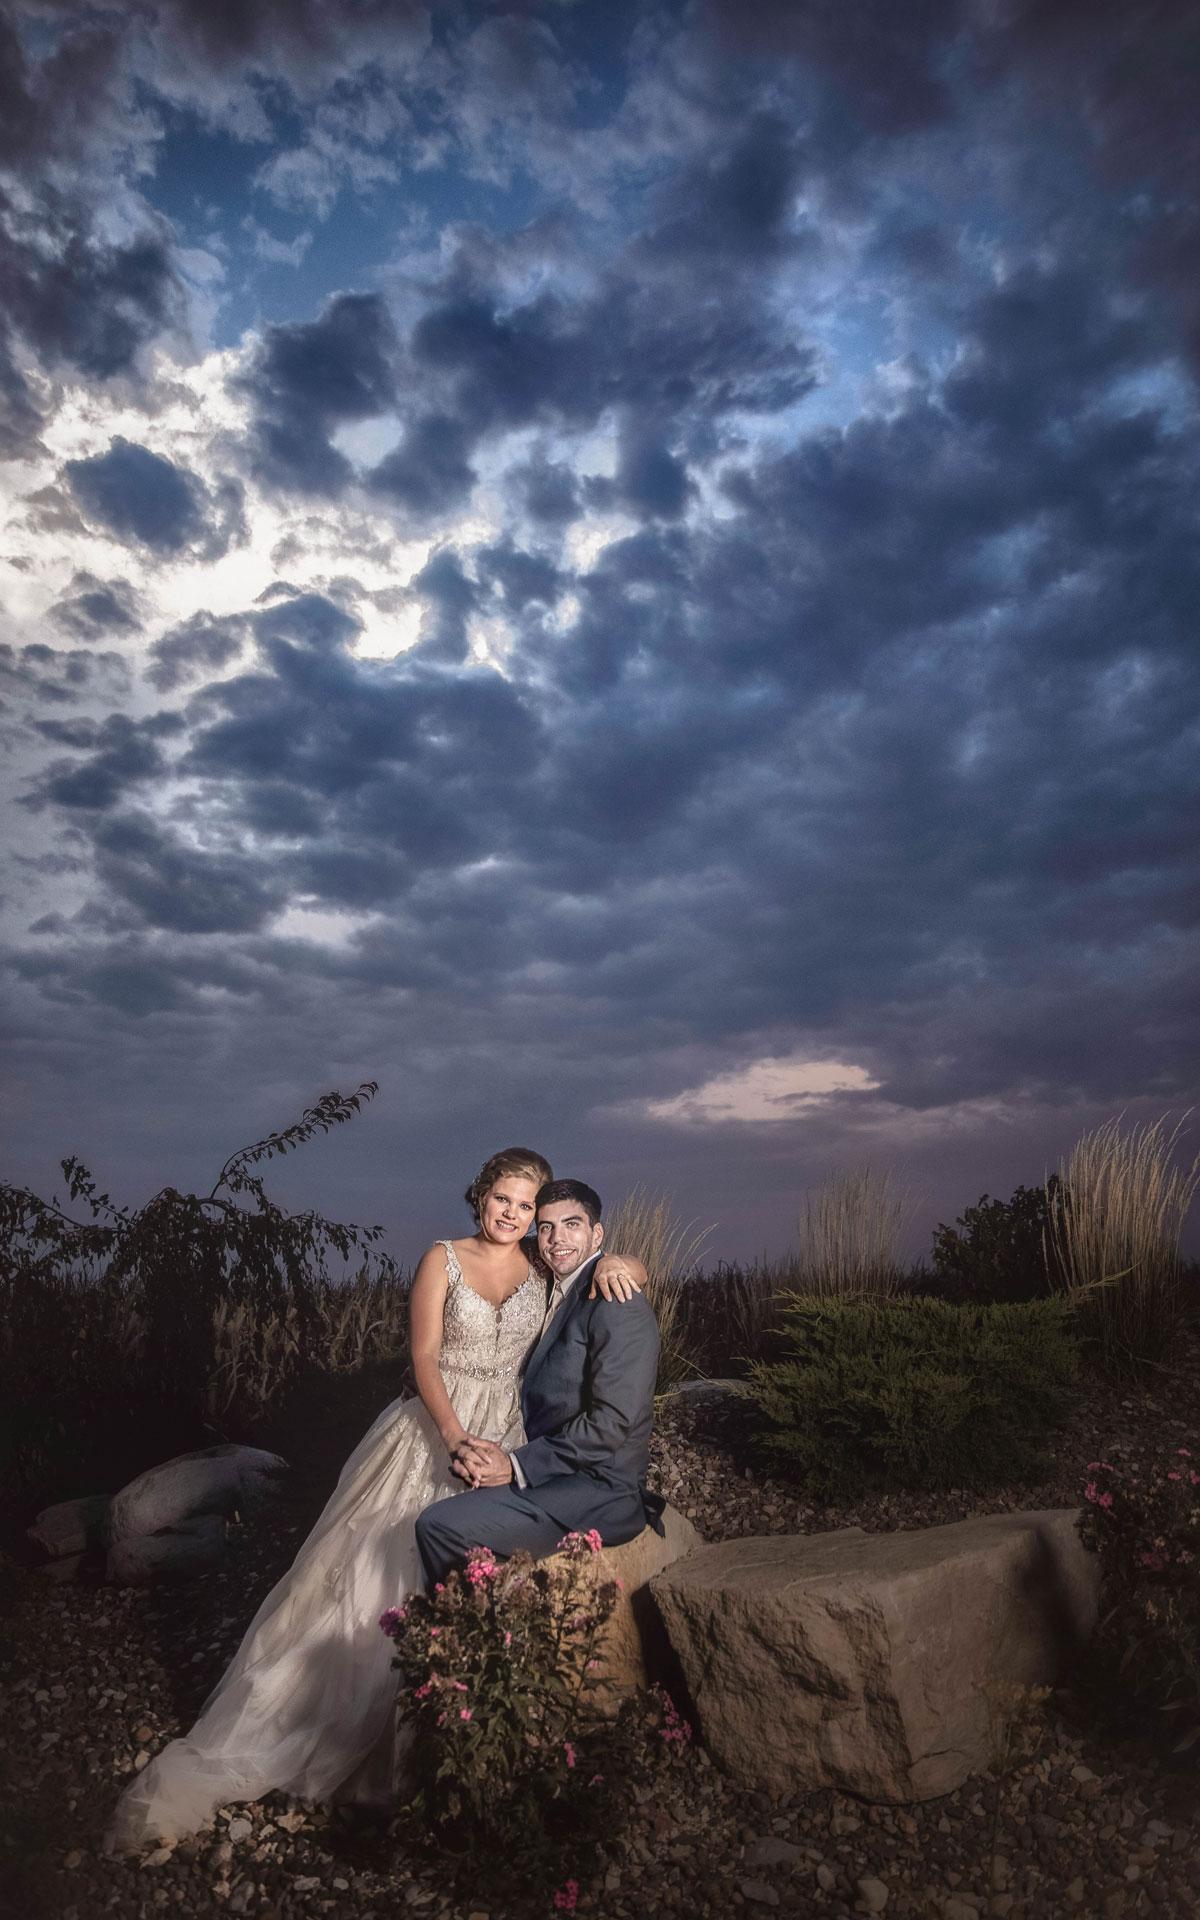 WeddingCouple-CloudyDay.jpg